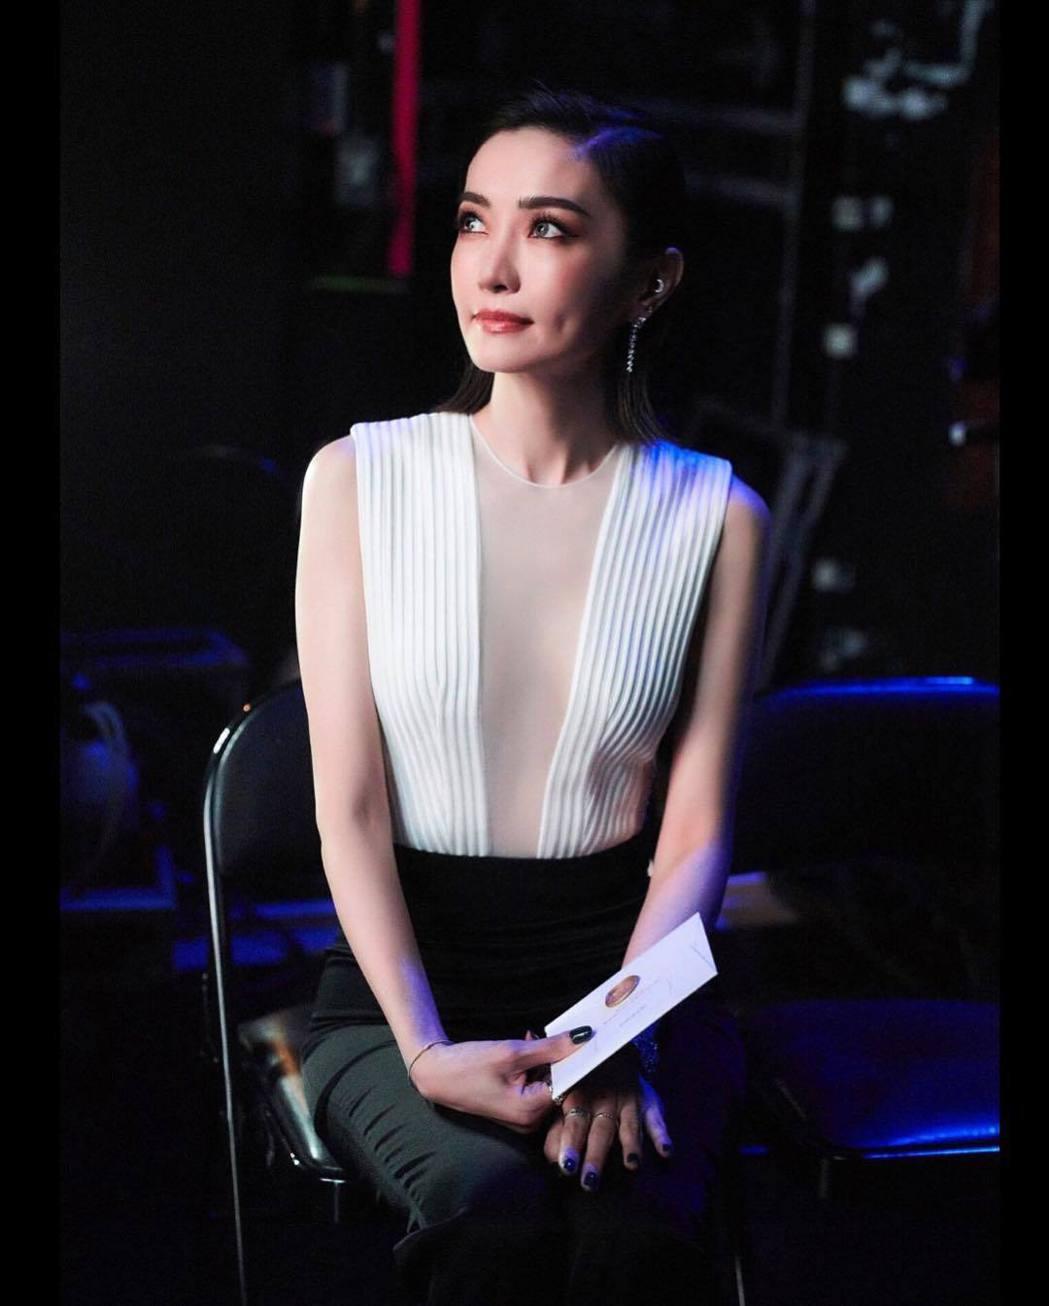 謝金燕上月以短髮造型出席金馬獎。圖/摘自IG